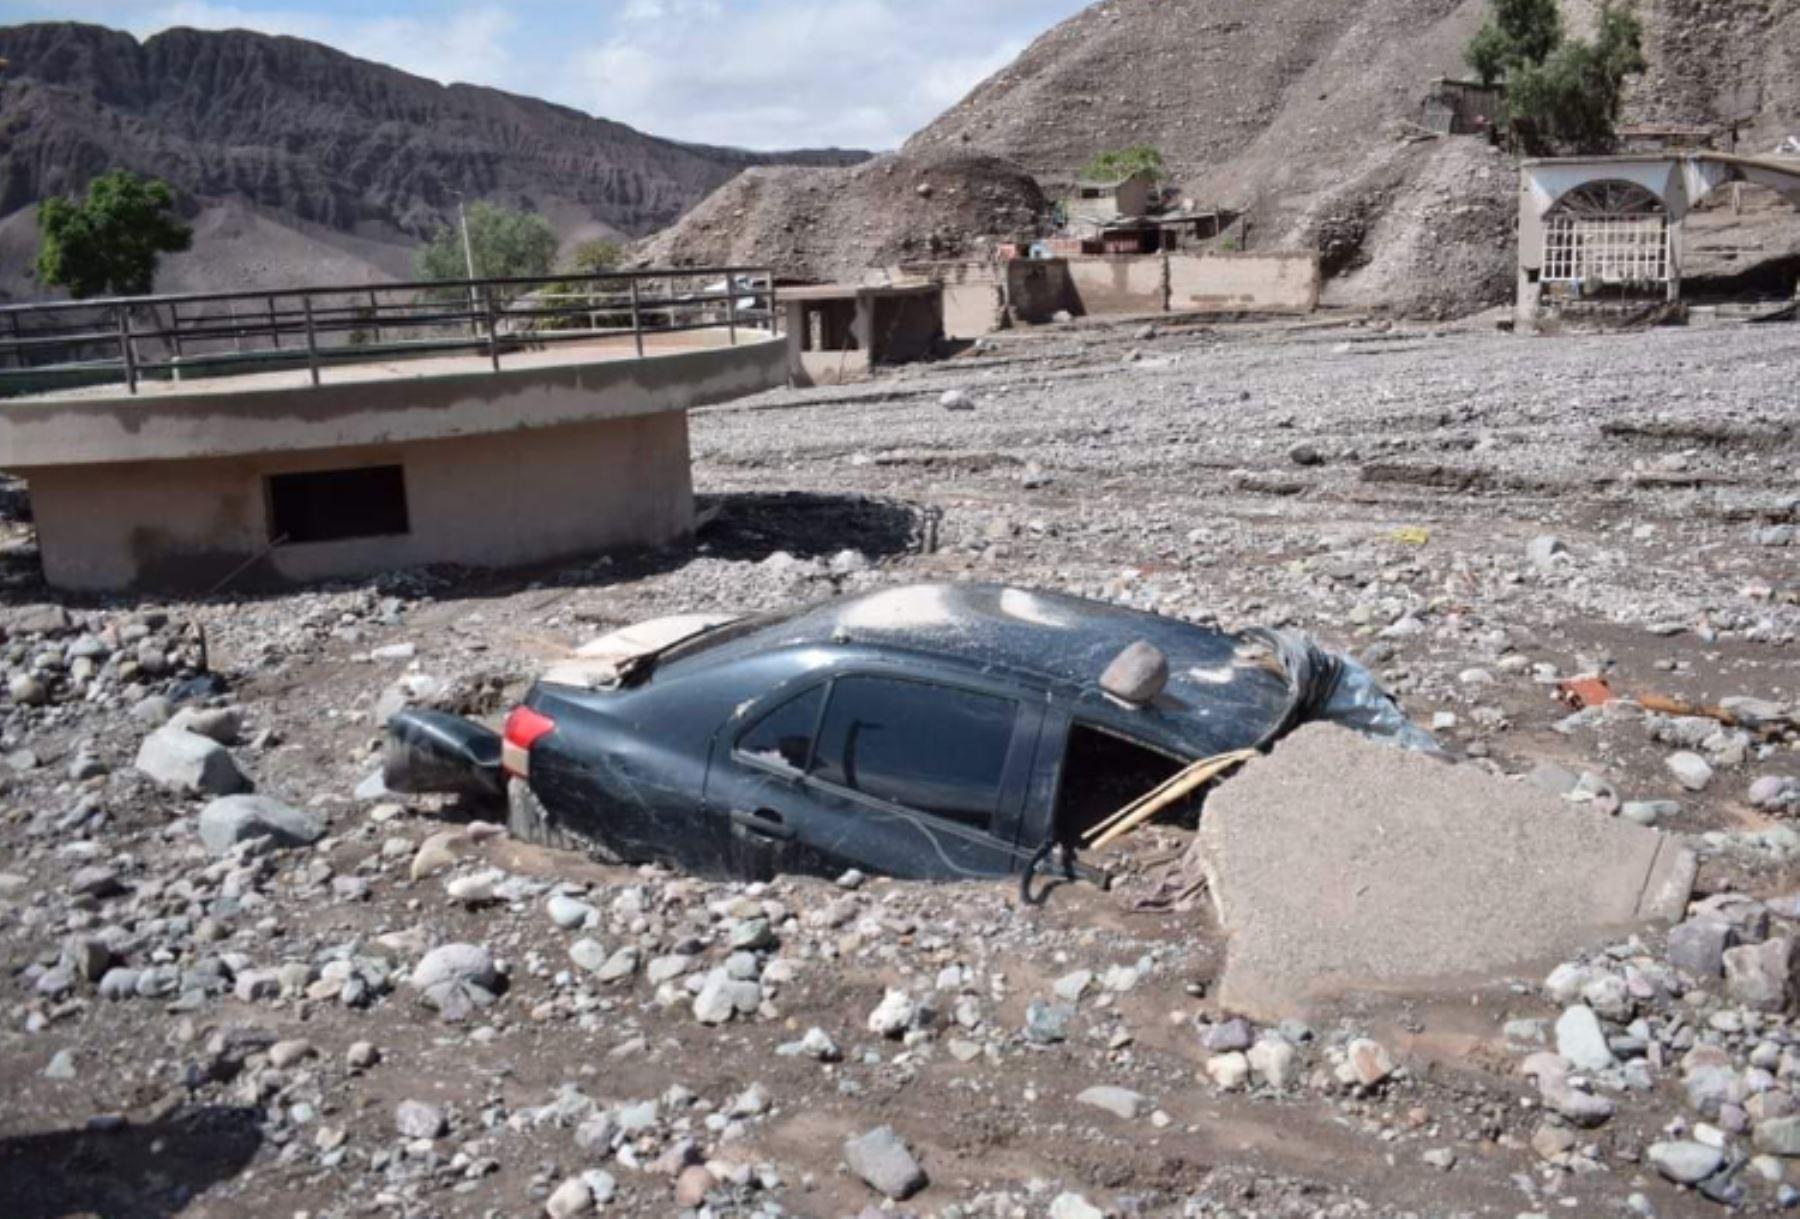 Fuertes lluvias y huaycos nos dejan estas imàgenes  del centro poblado Mirave, en el distrito de Ilabaya, en la provincia Jorge Basadre.Foto: ANDINA/Prefectura Tacna